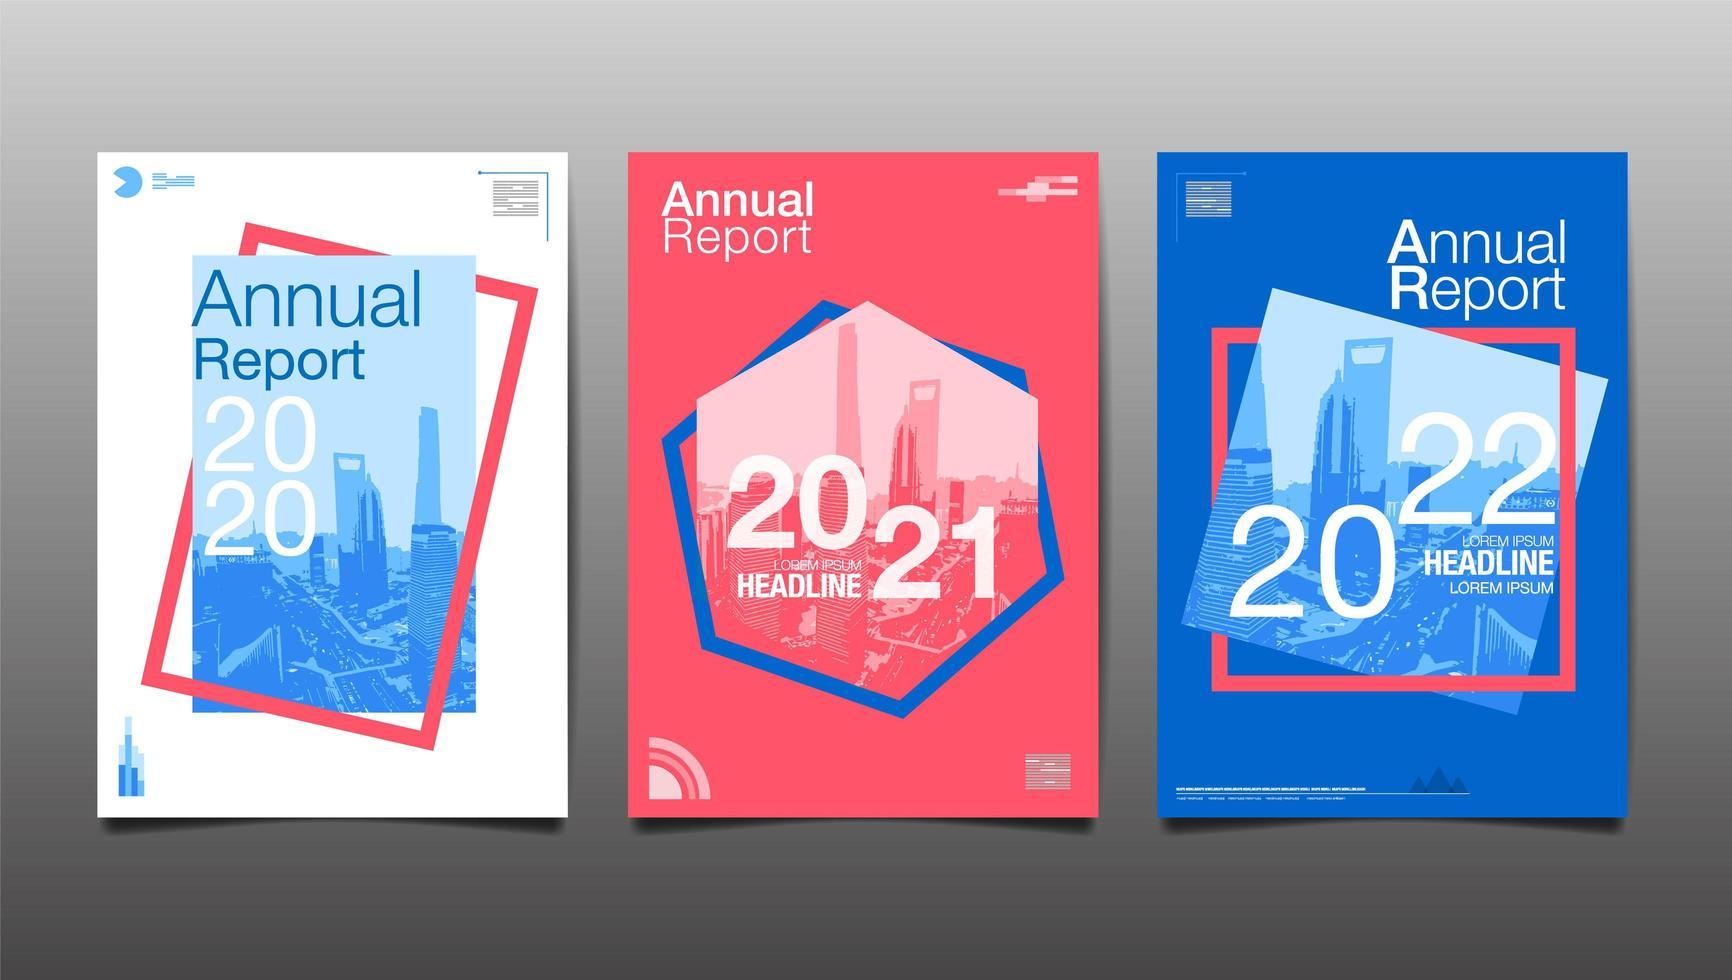 relatório geométrico colorido 2020, 2021, 2022 relatórios anuais vetor